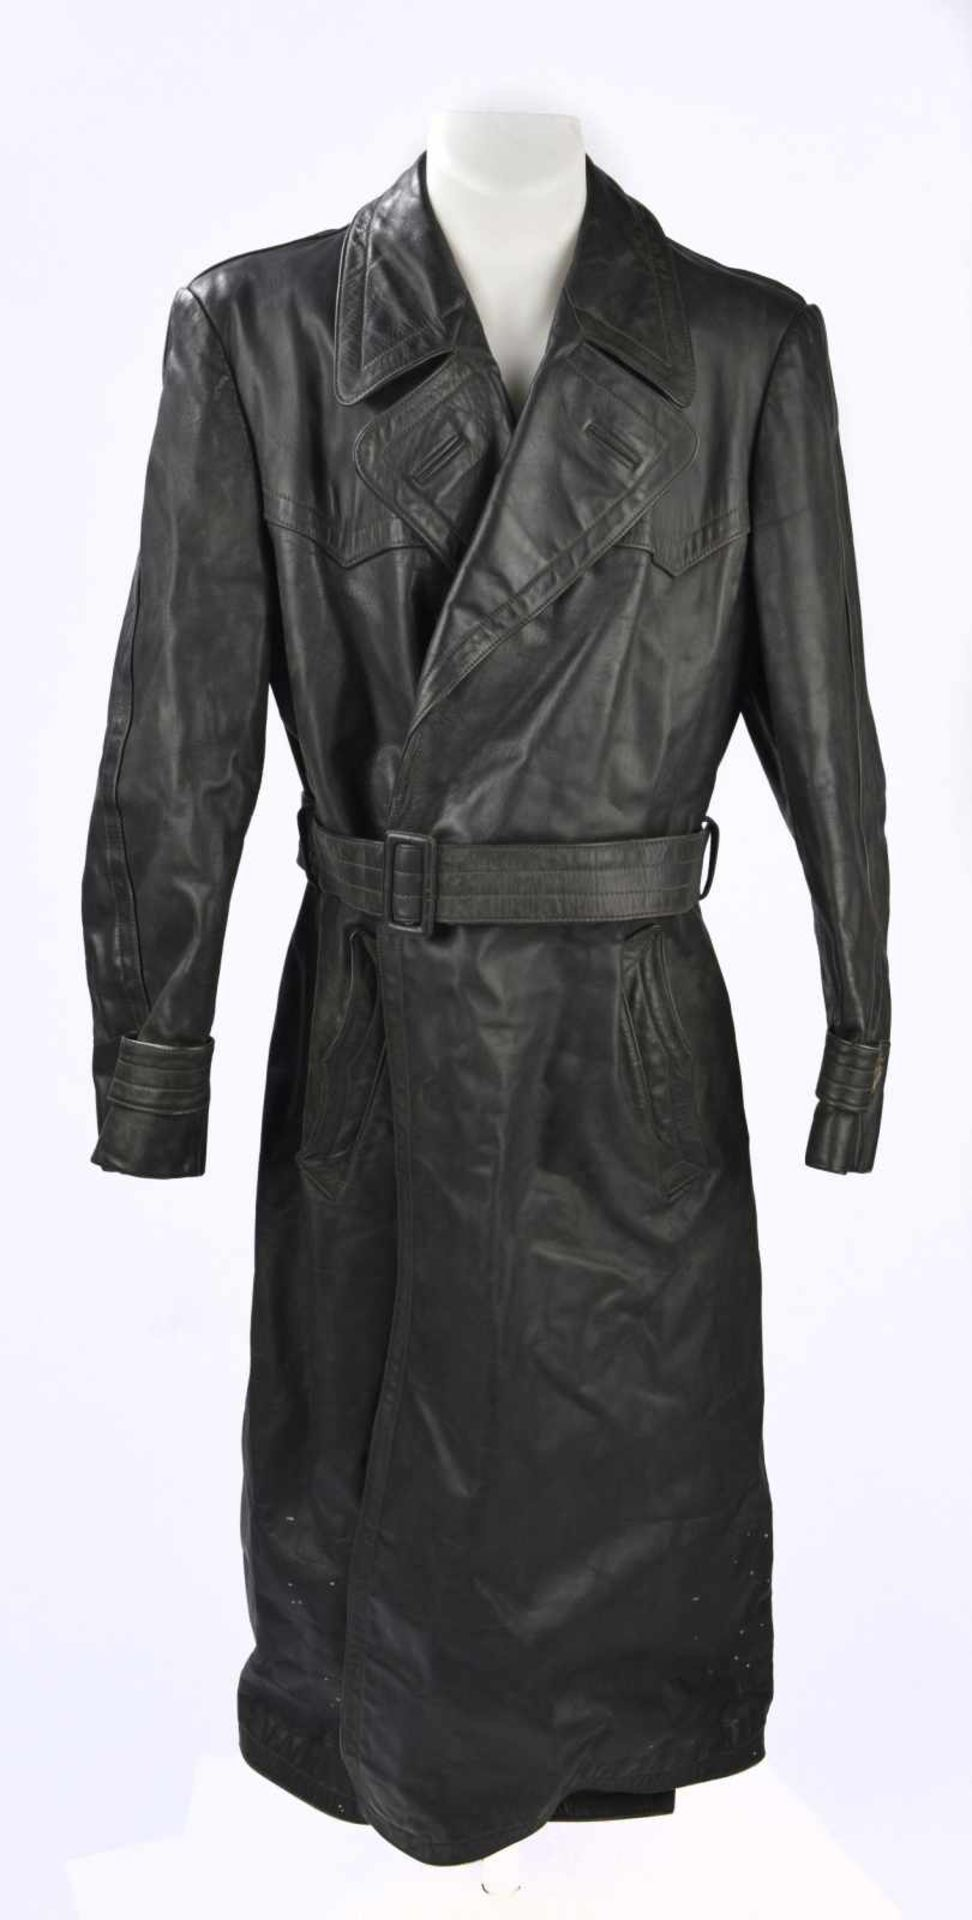 Manteau d'officier en cuir en épais cuir noir, tous les boutons sont présents, ainsi que la ceinture